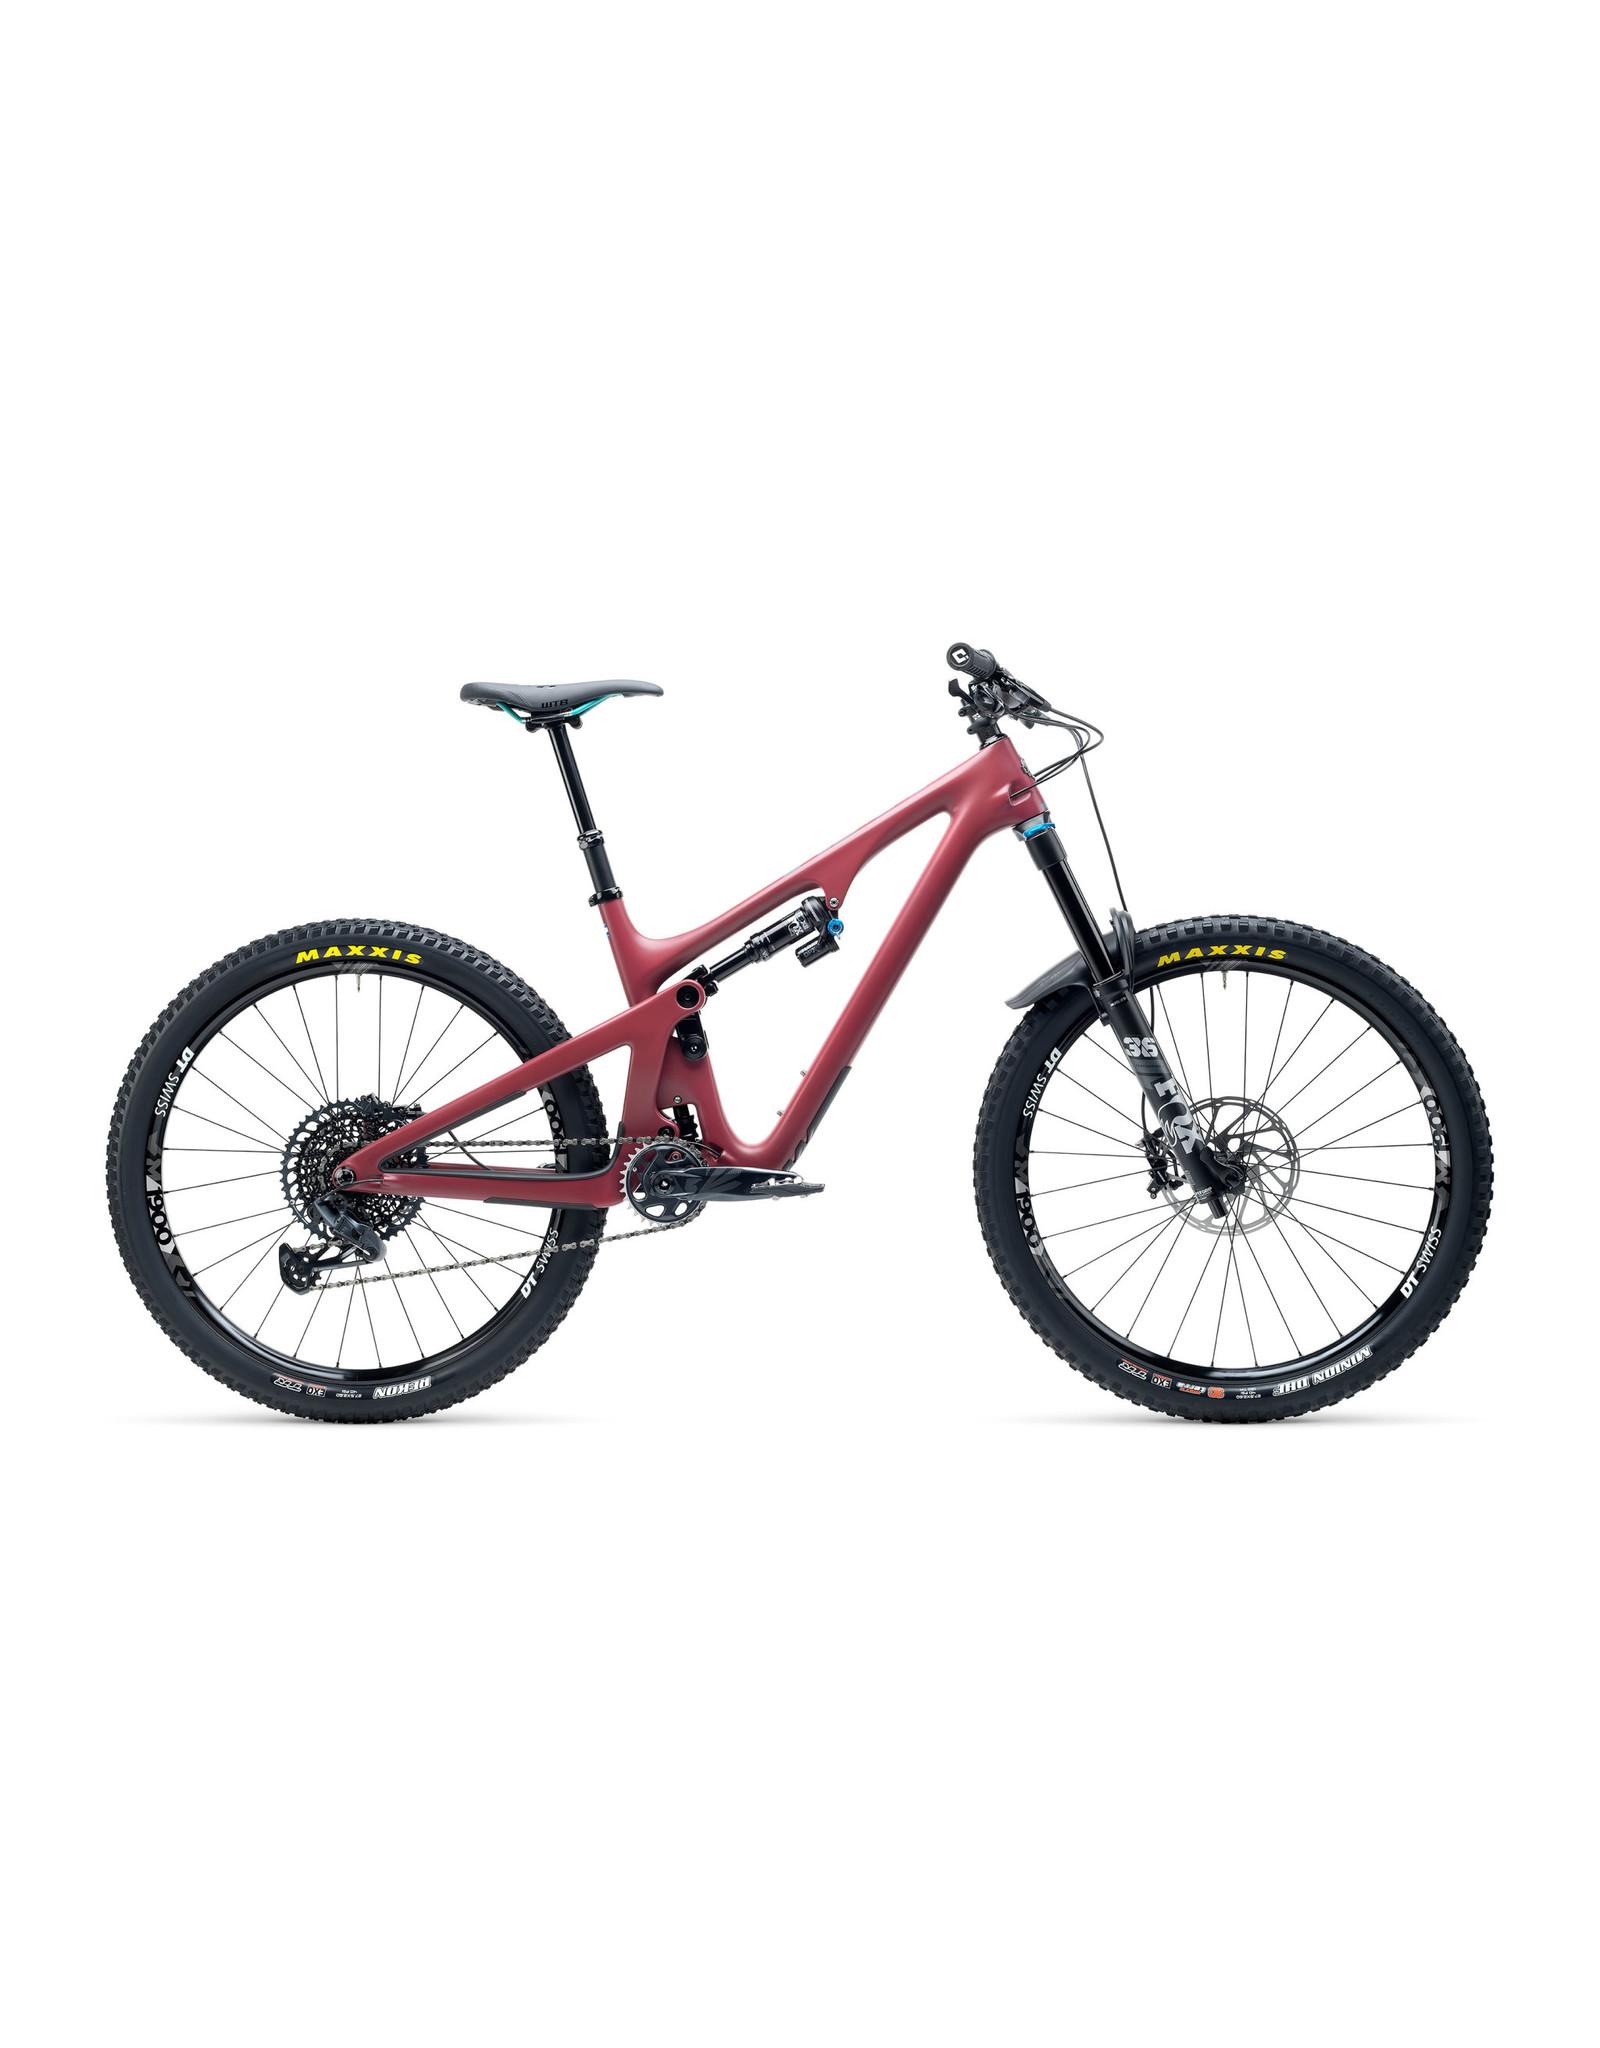 Yeti Cycles SB140 C2 RON Small